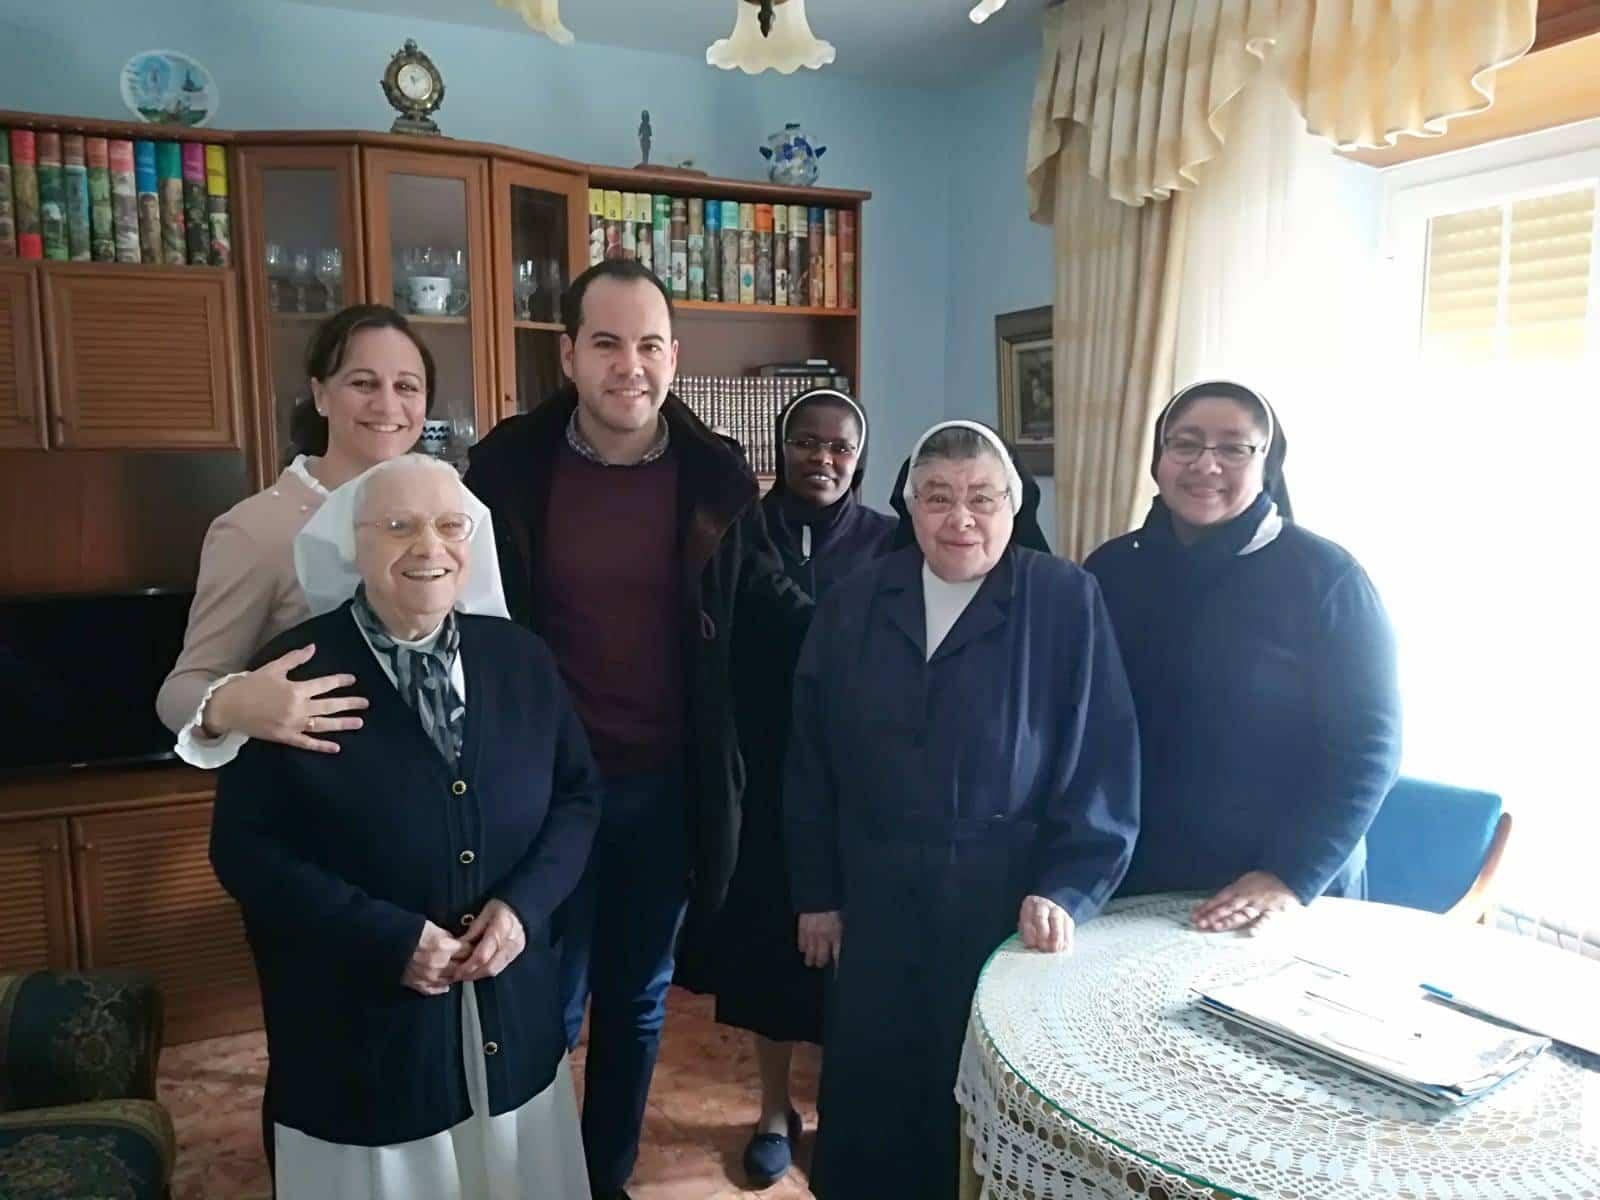 Visita del alcalde a la Residencia San Francisco en Herencia 3